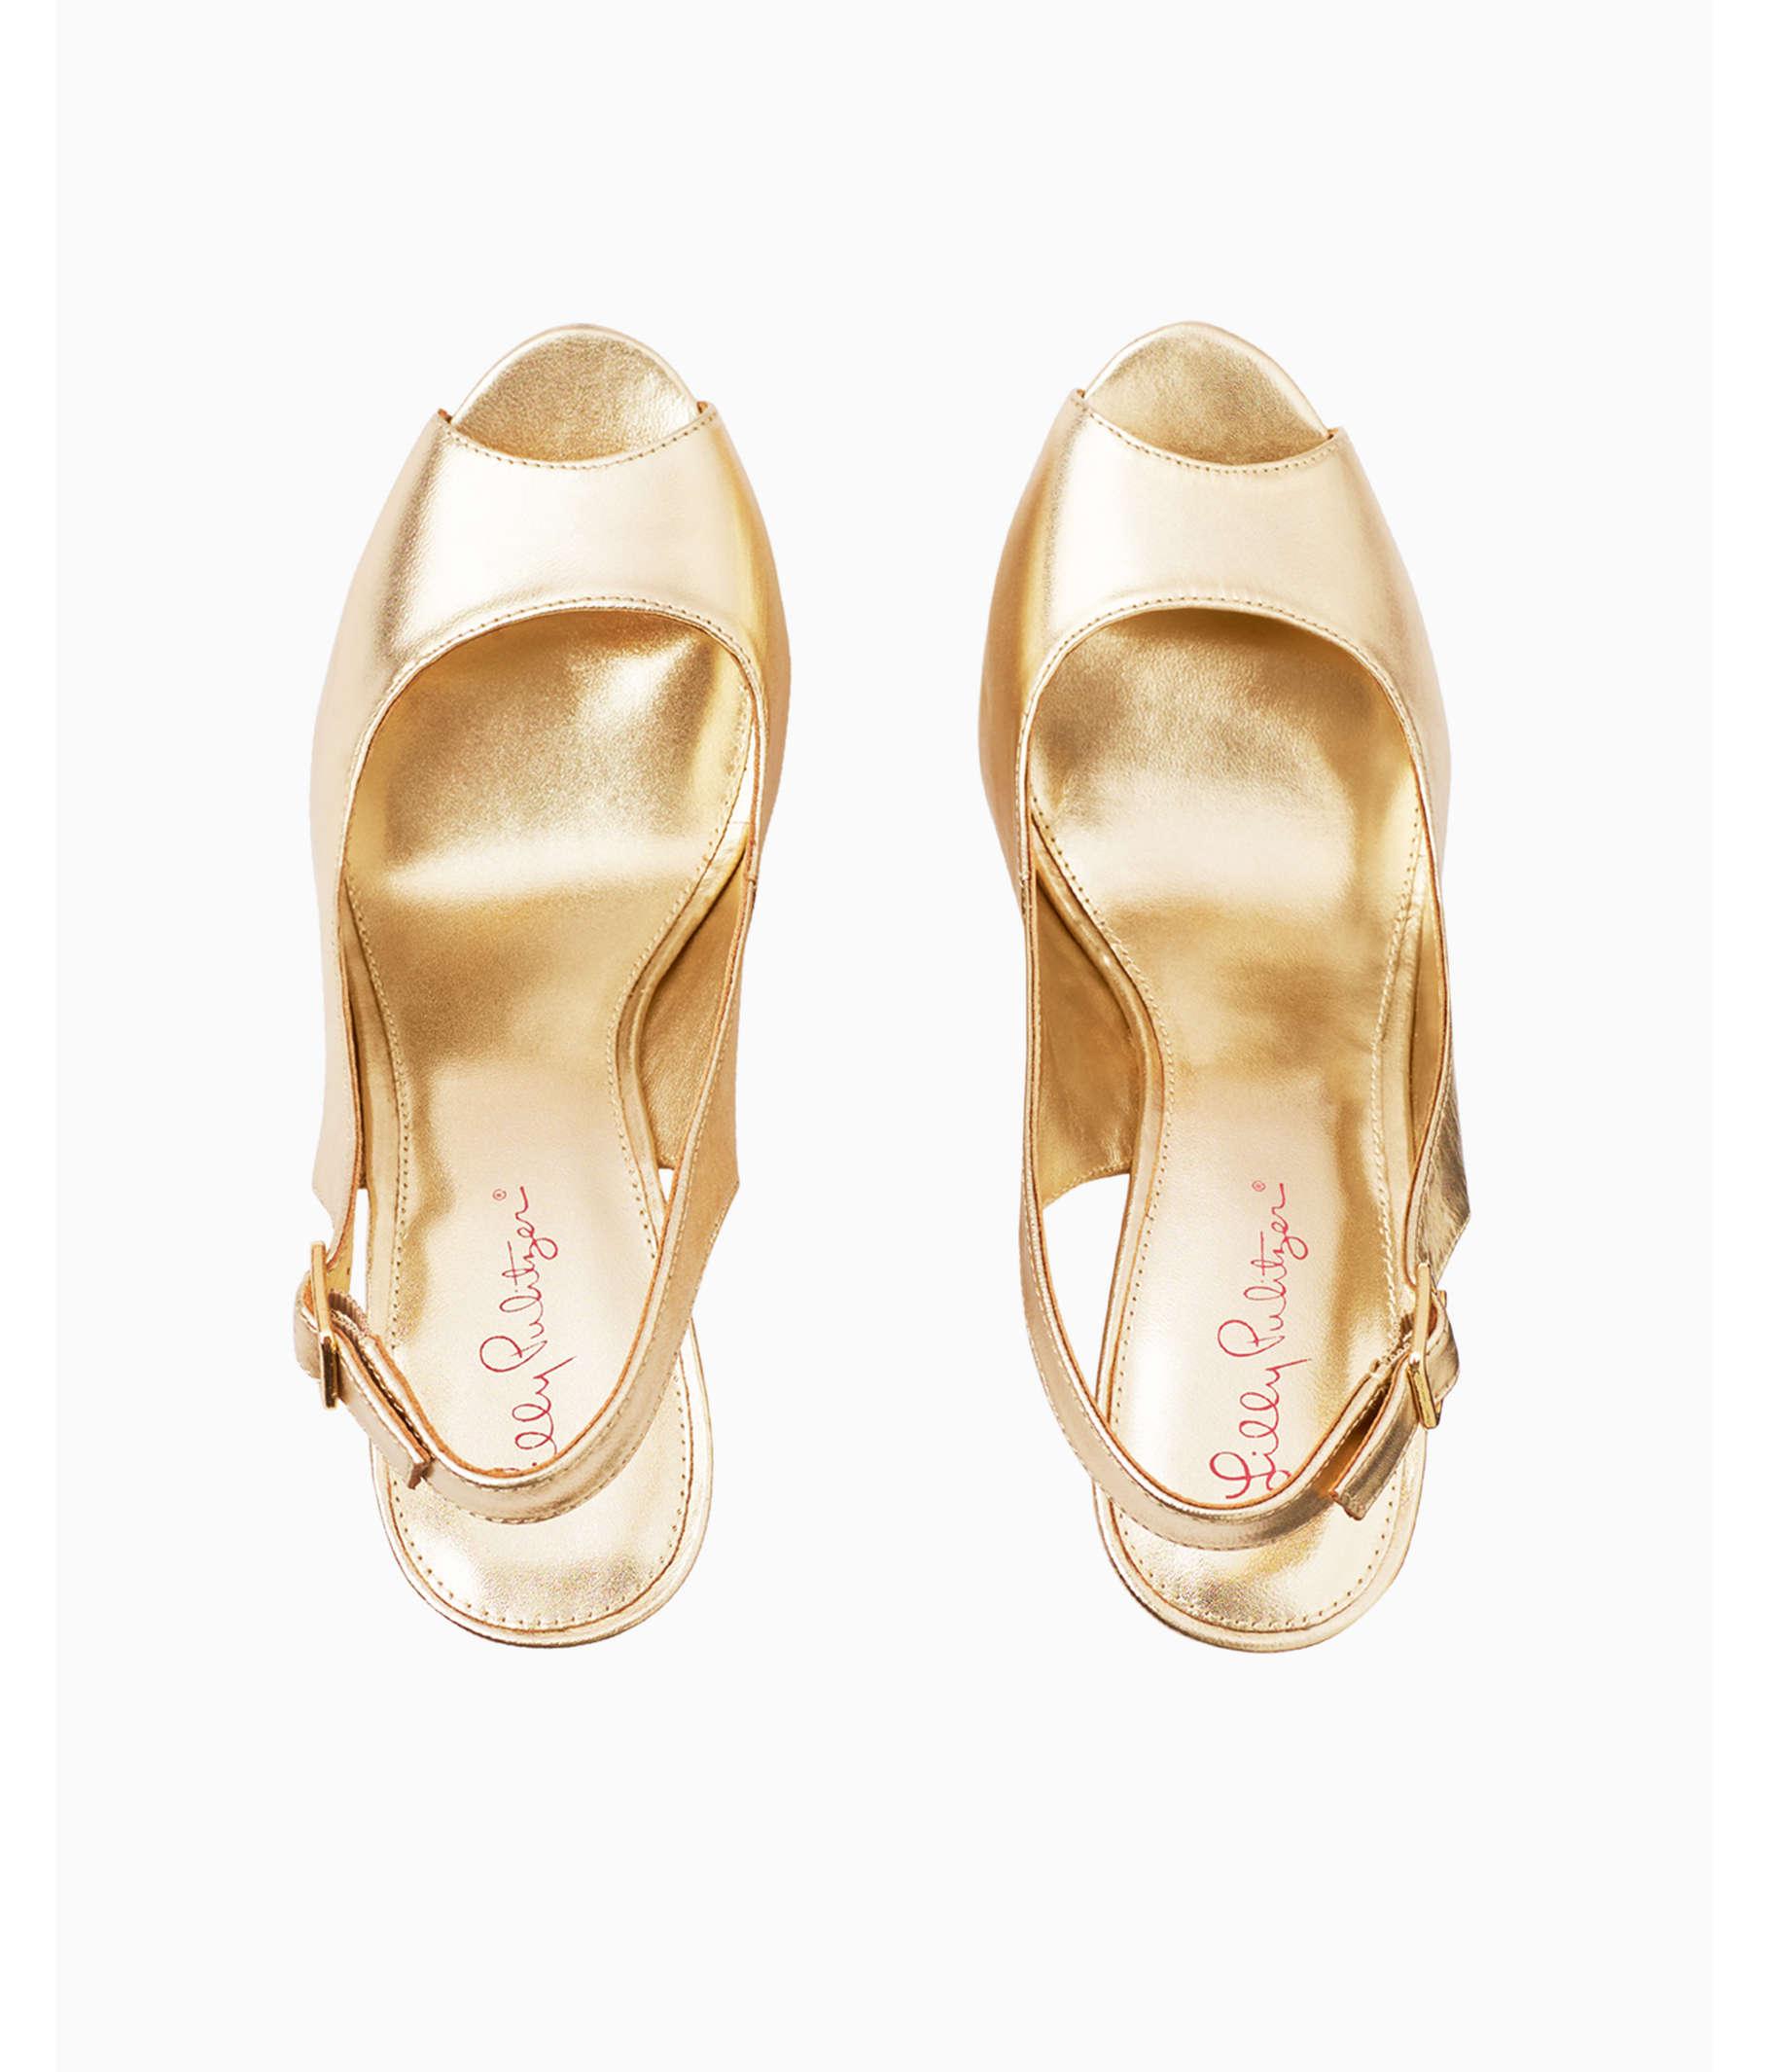 4128736cbe56 Kristin Leather Wedge - Gold Metallic